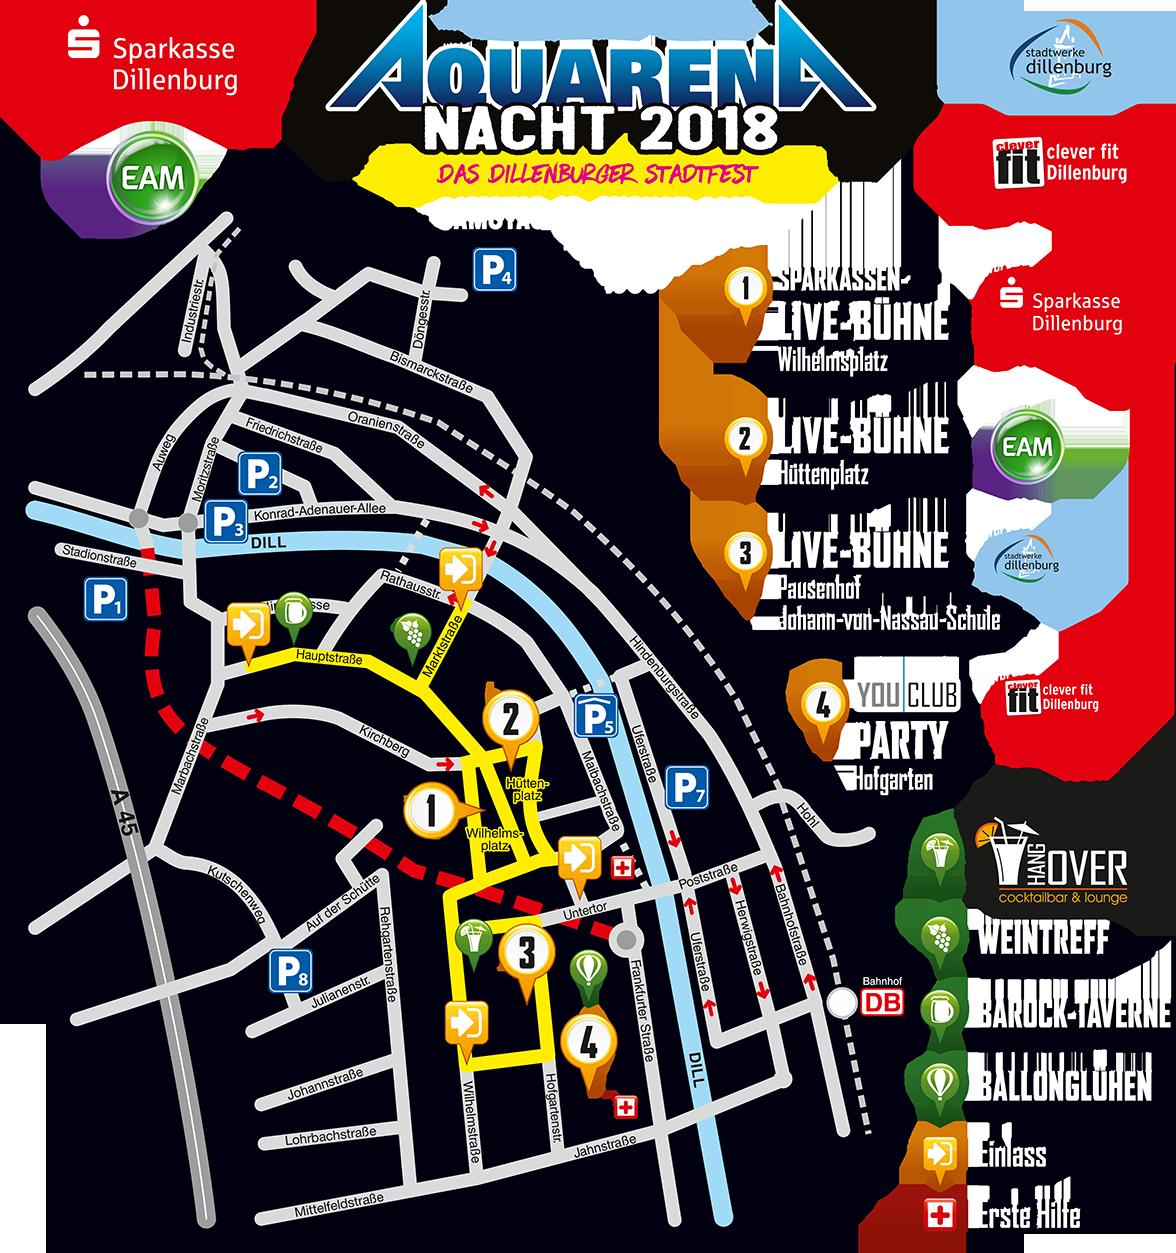 Lageplan Aquarena-Nacht 2018